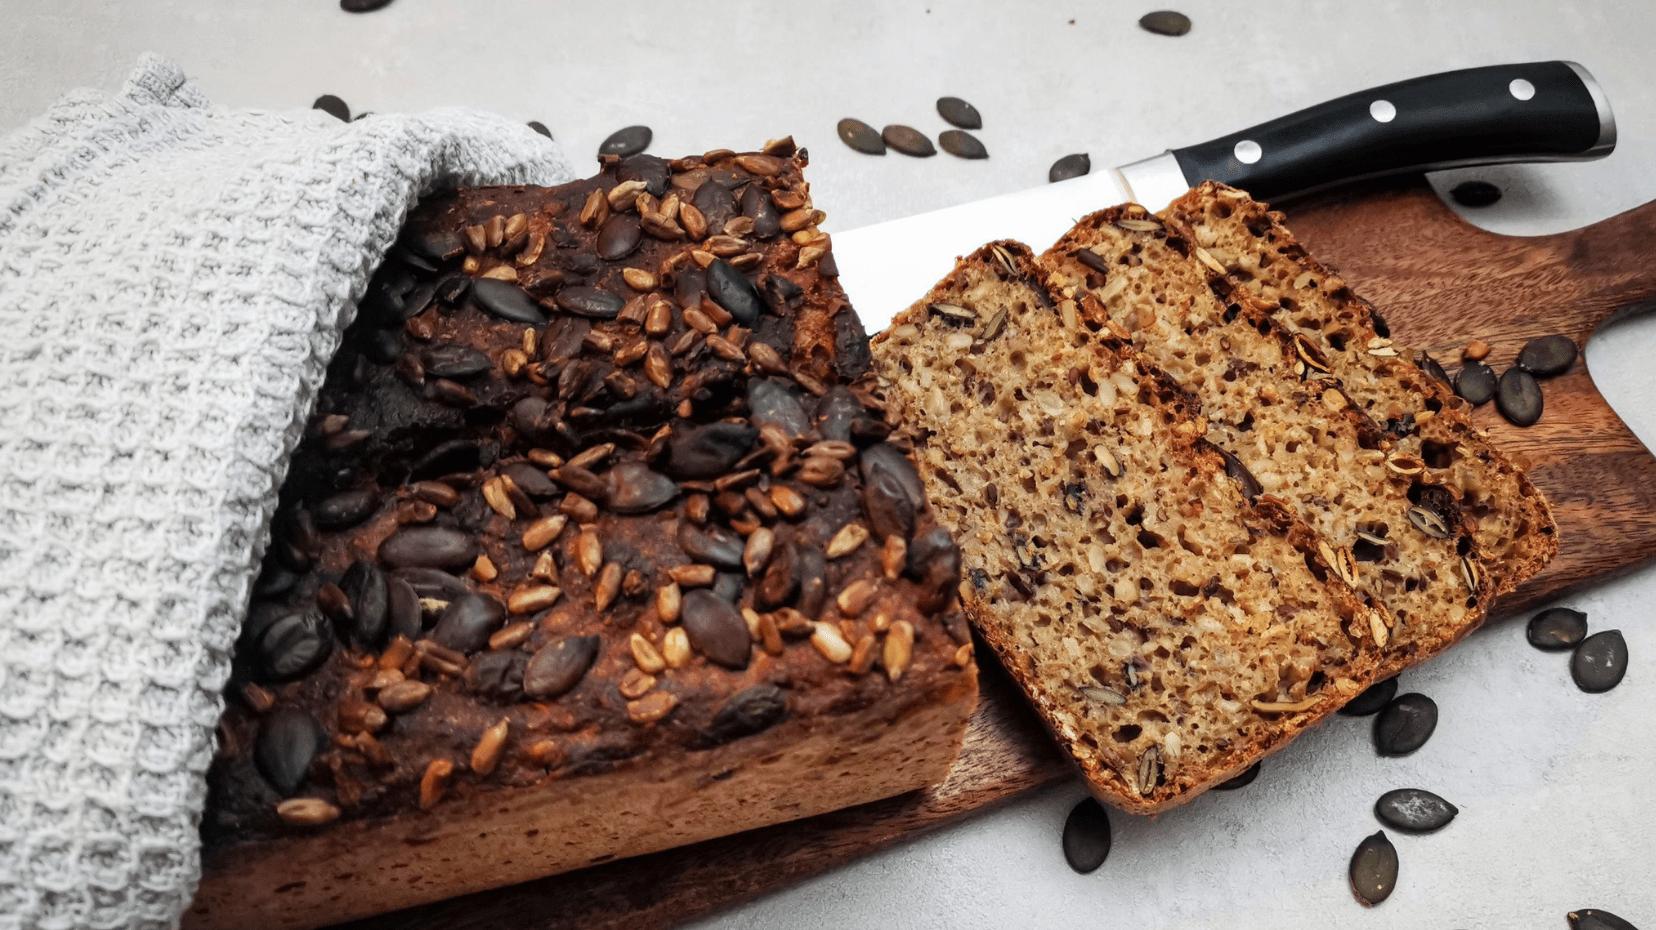 Brot & Brötchen von Bloggern cover image